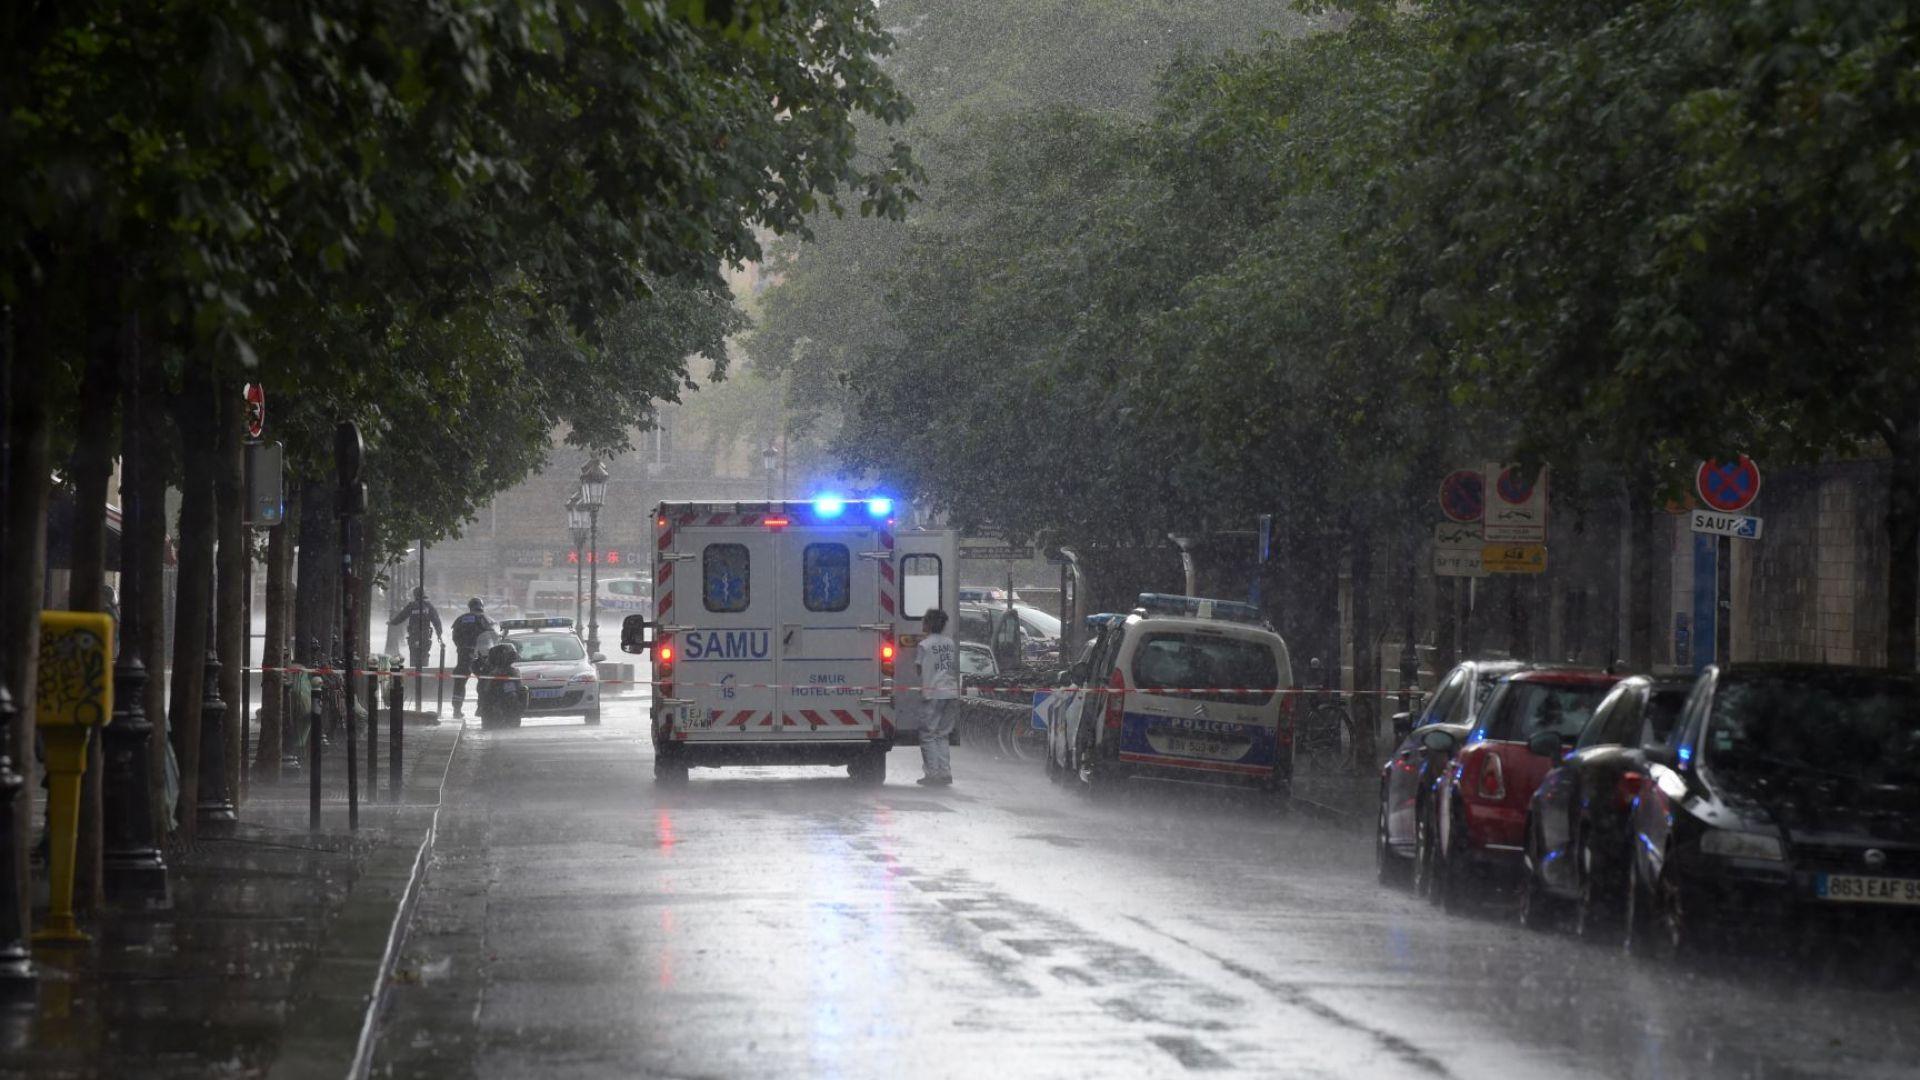 Няколко пострадали и двама в неизвестност след експлозия в блок във Франция